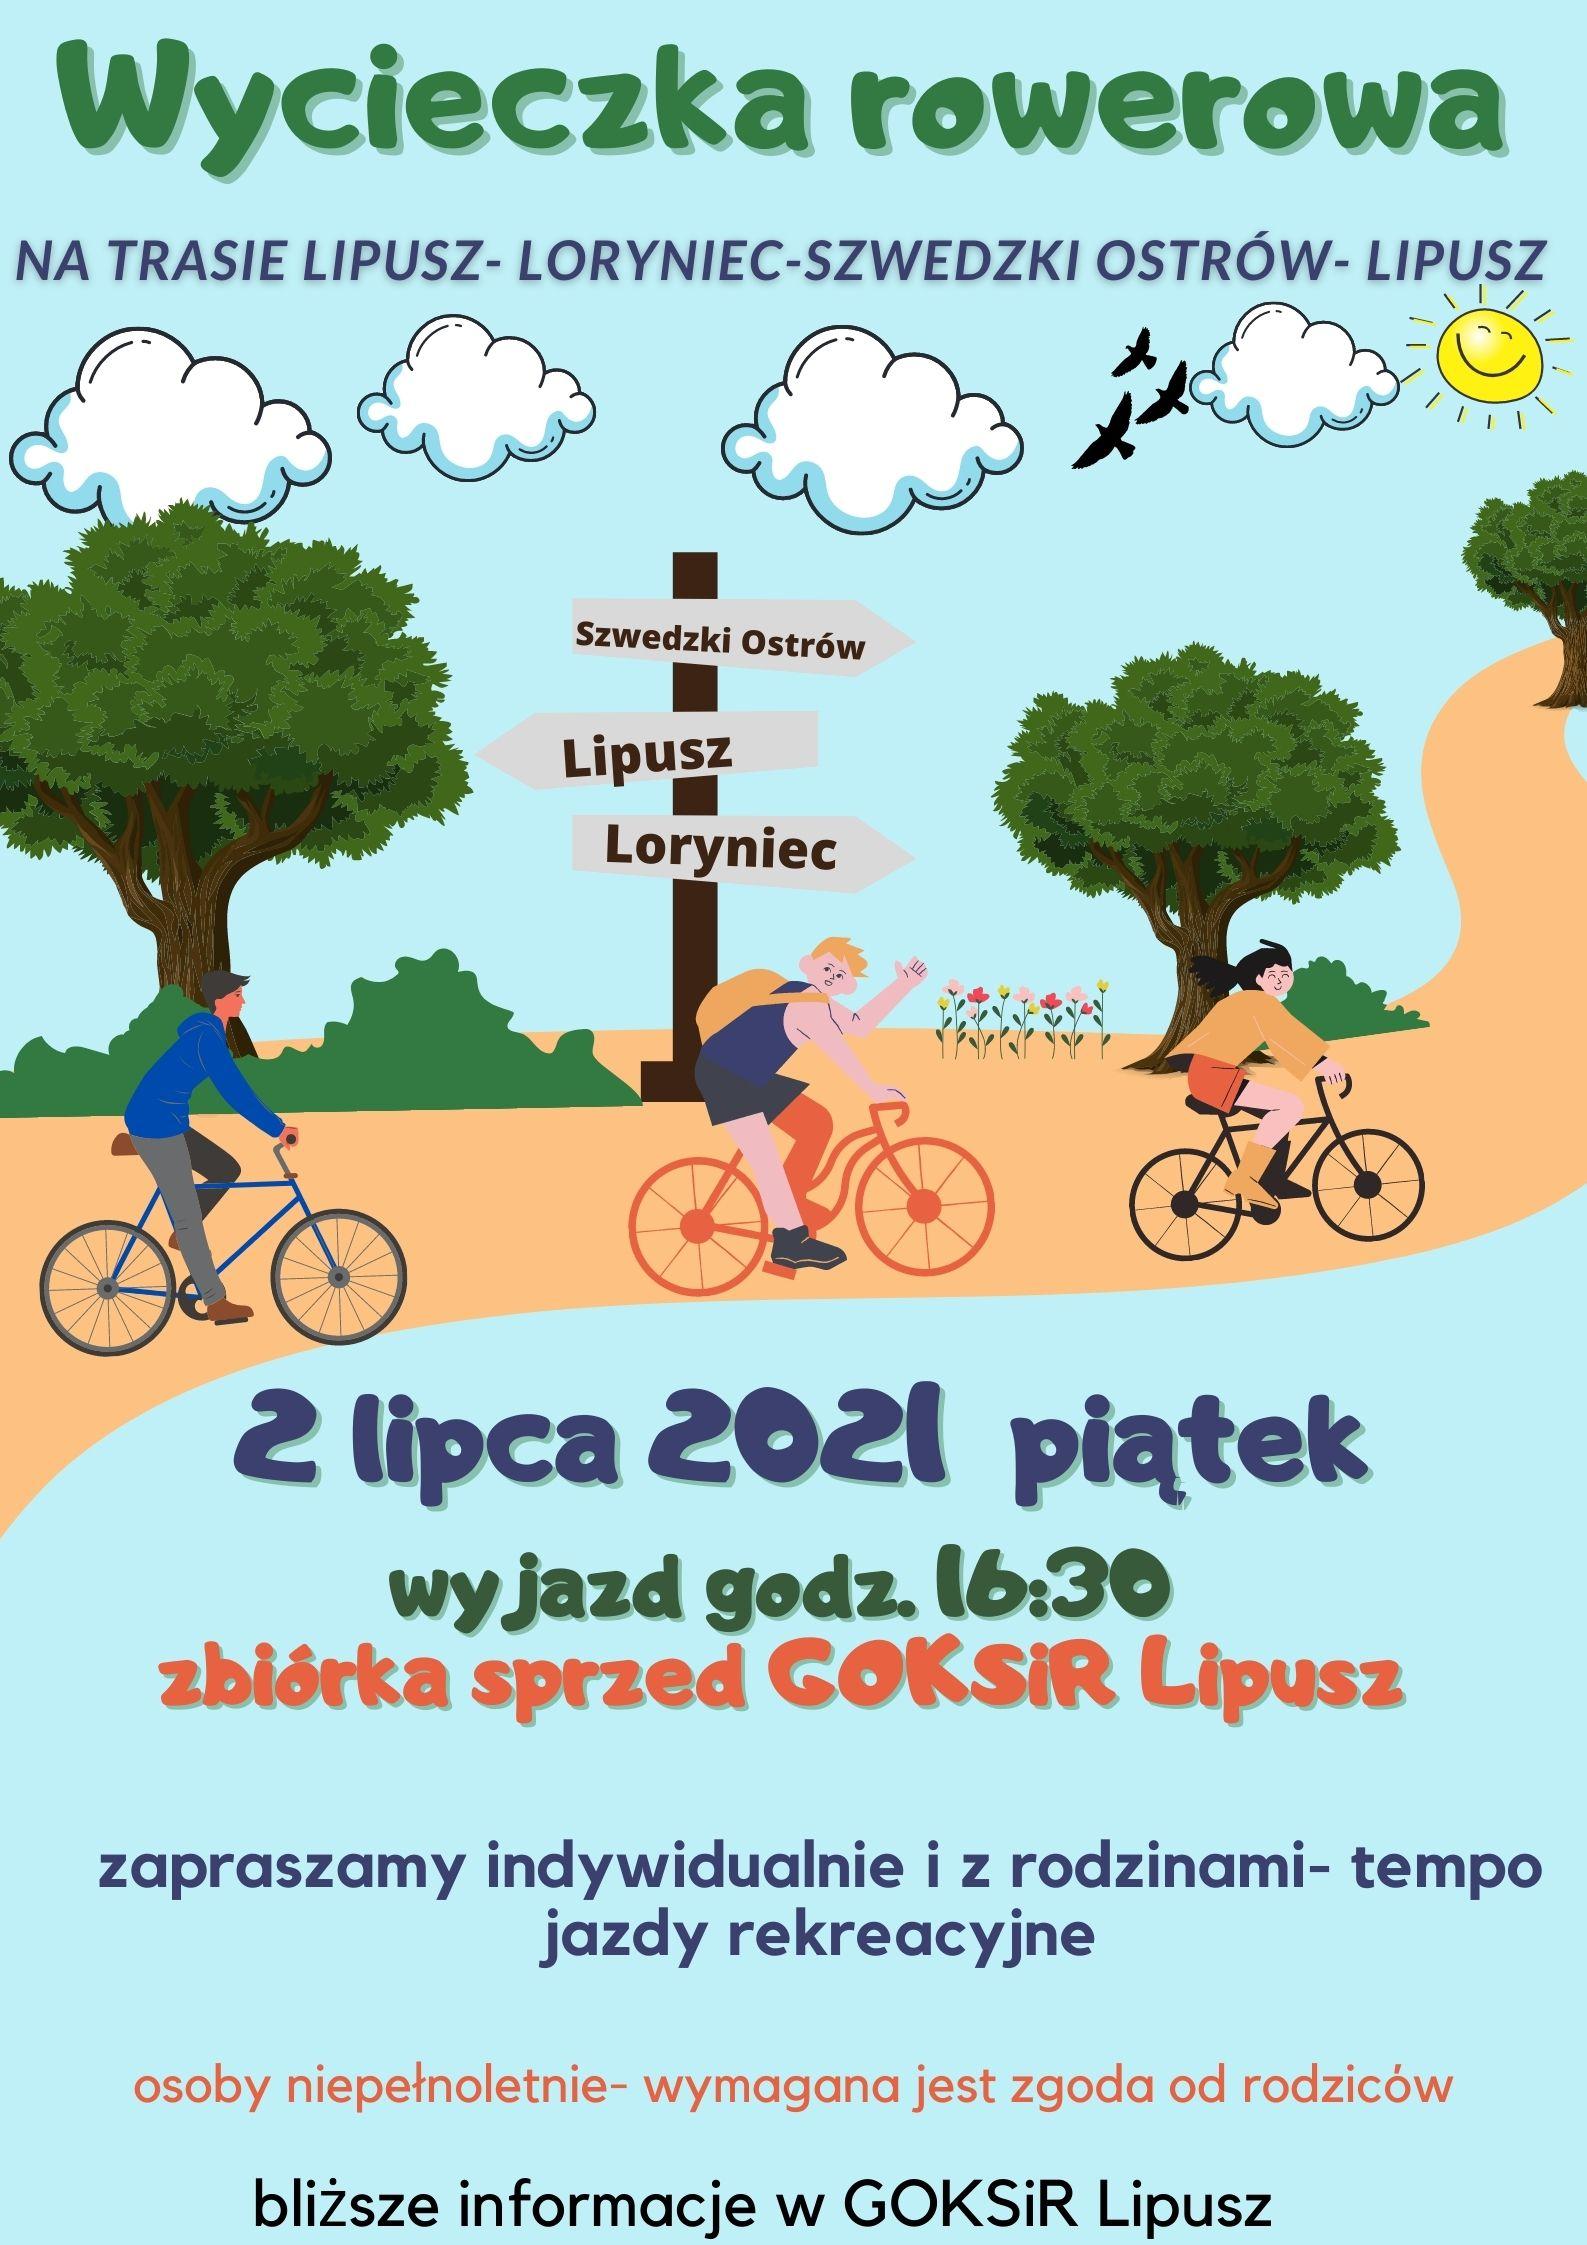 Wycieczka rowerowa lipusz-loryniec-szwedzki ostrów